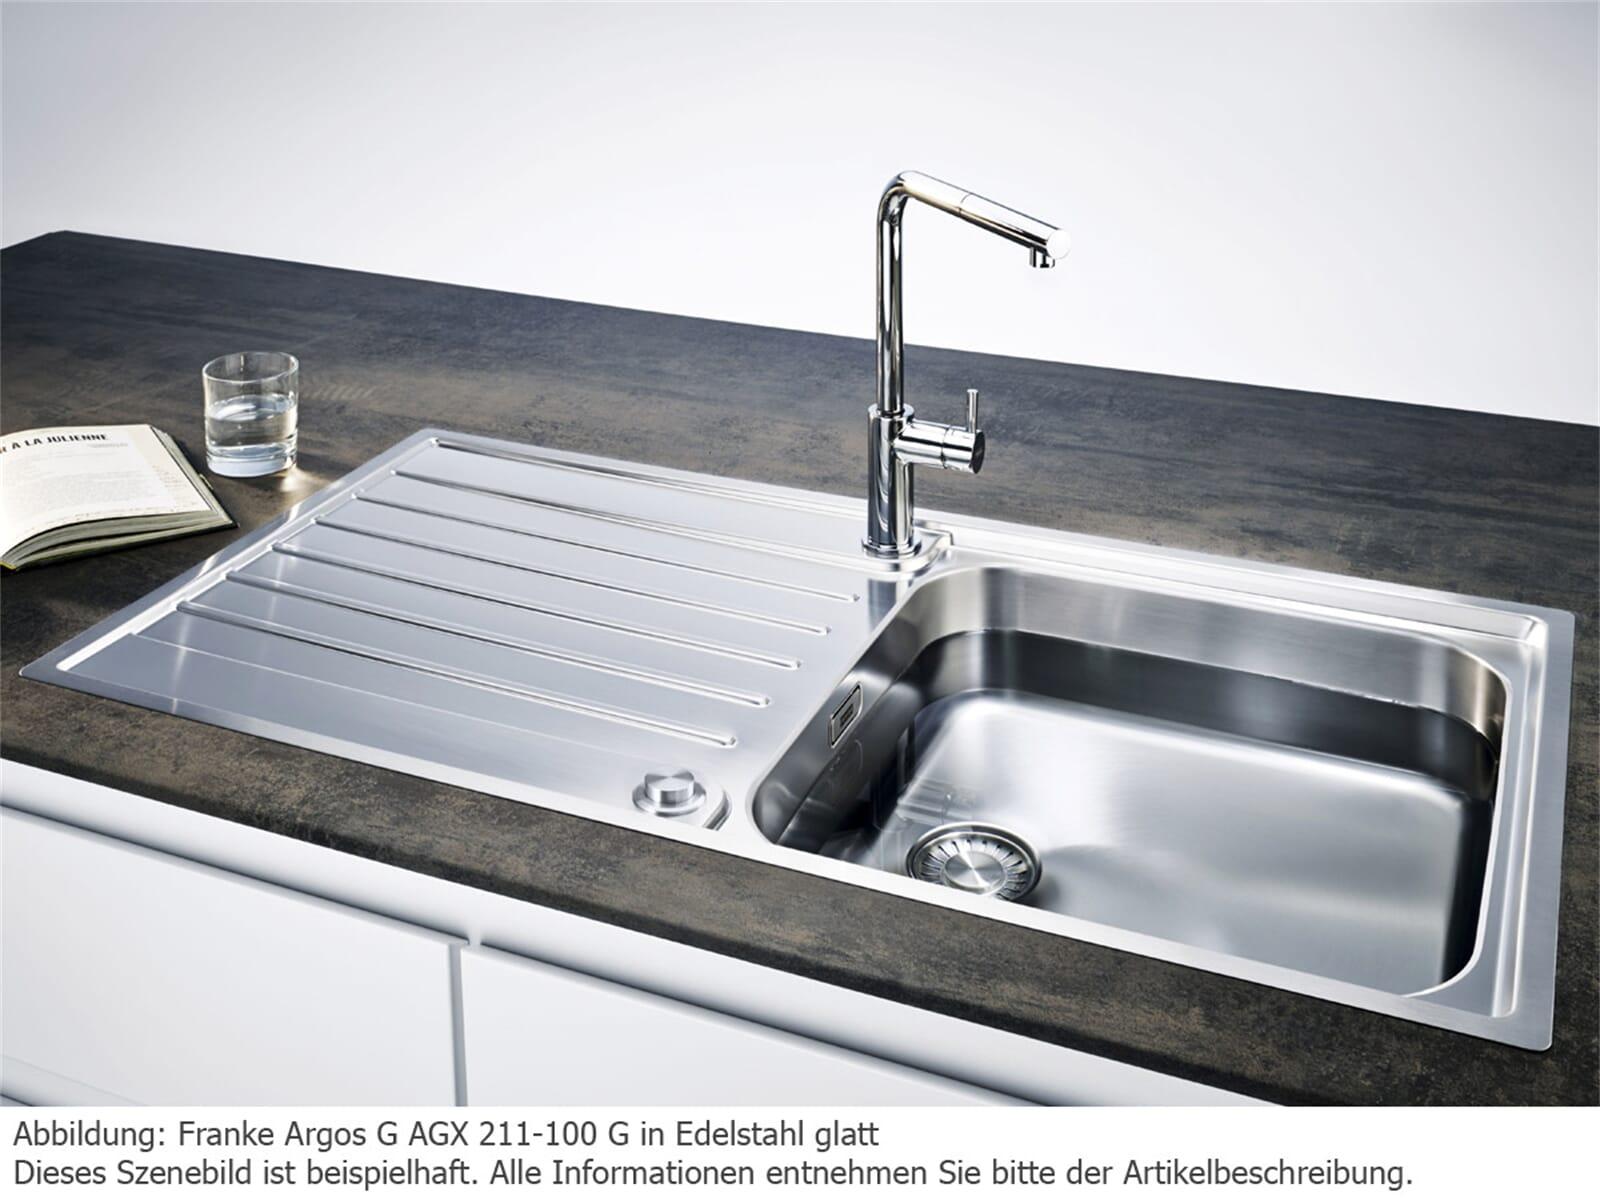 Franke Argos G AGX 211-100 G Edelstahlspüle glatt - 127.0380.396